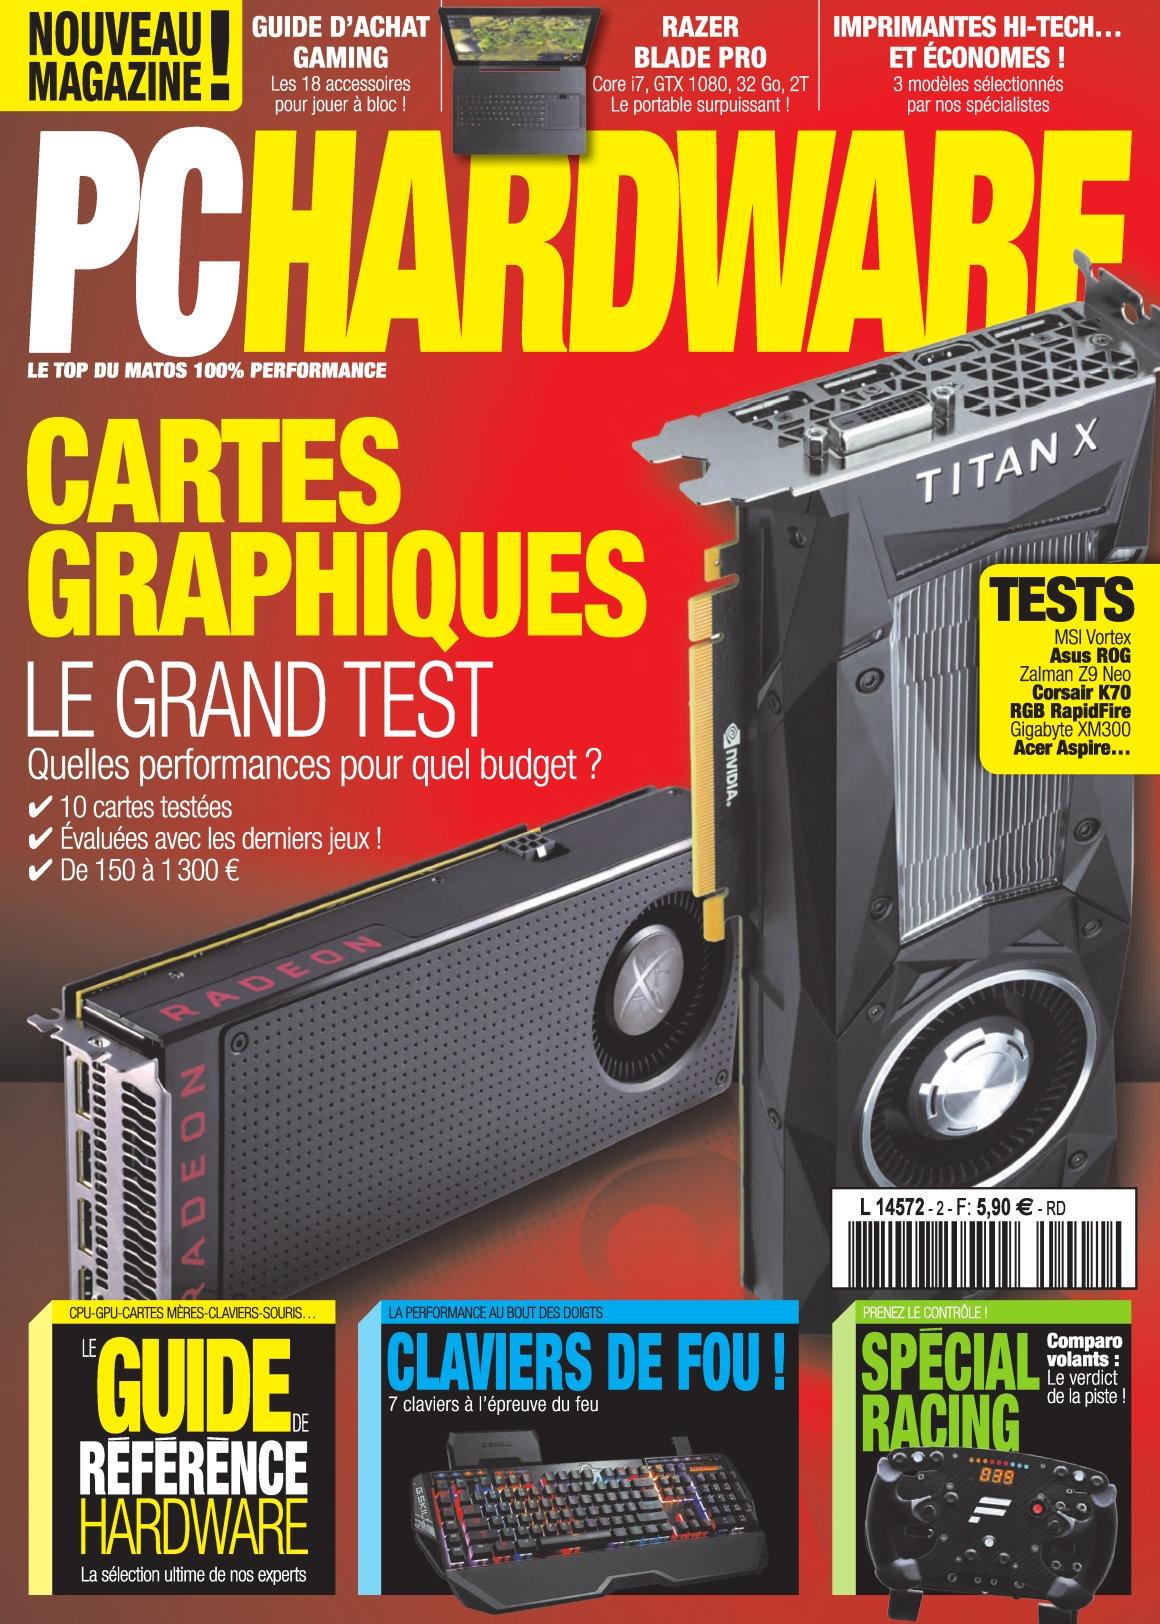 PC Hardware 2 - Décembre 2016/Janvier 2017